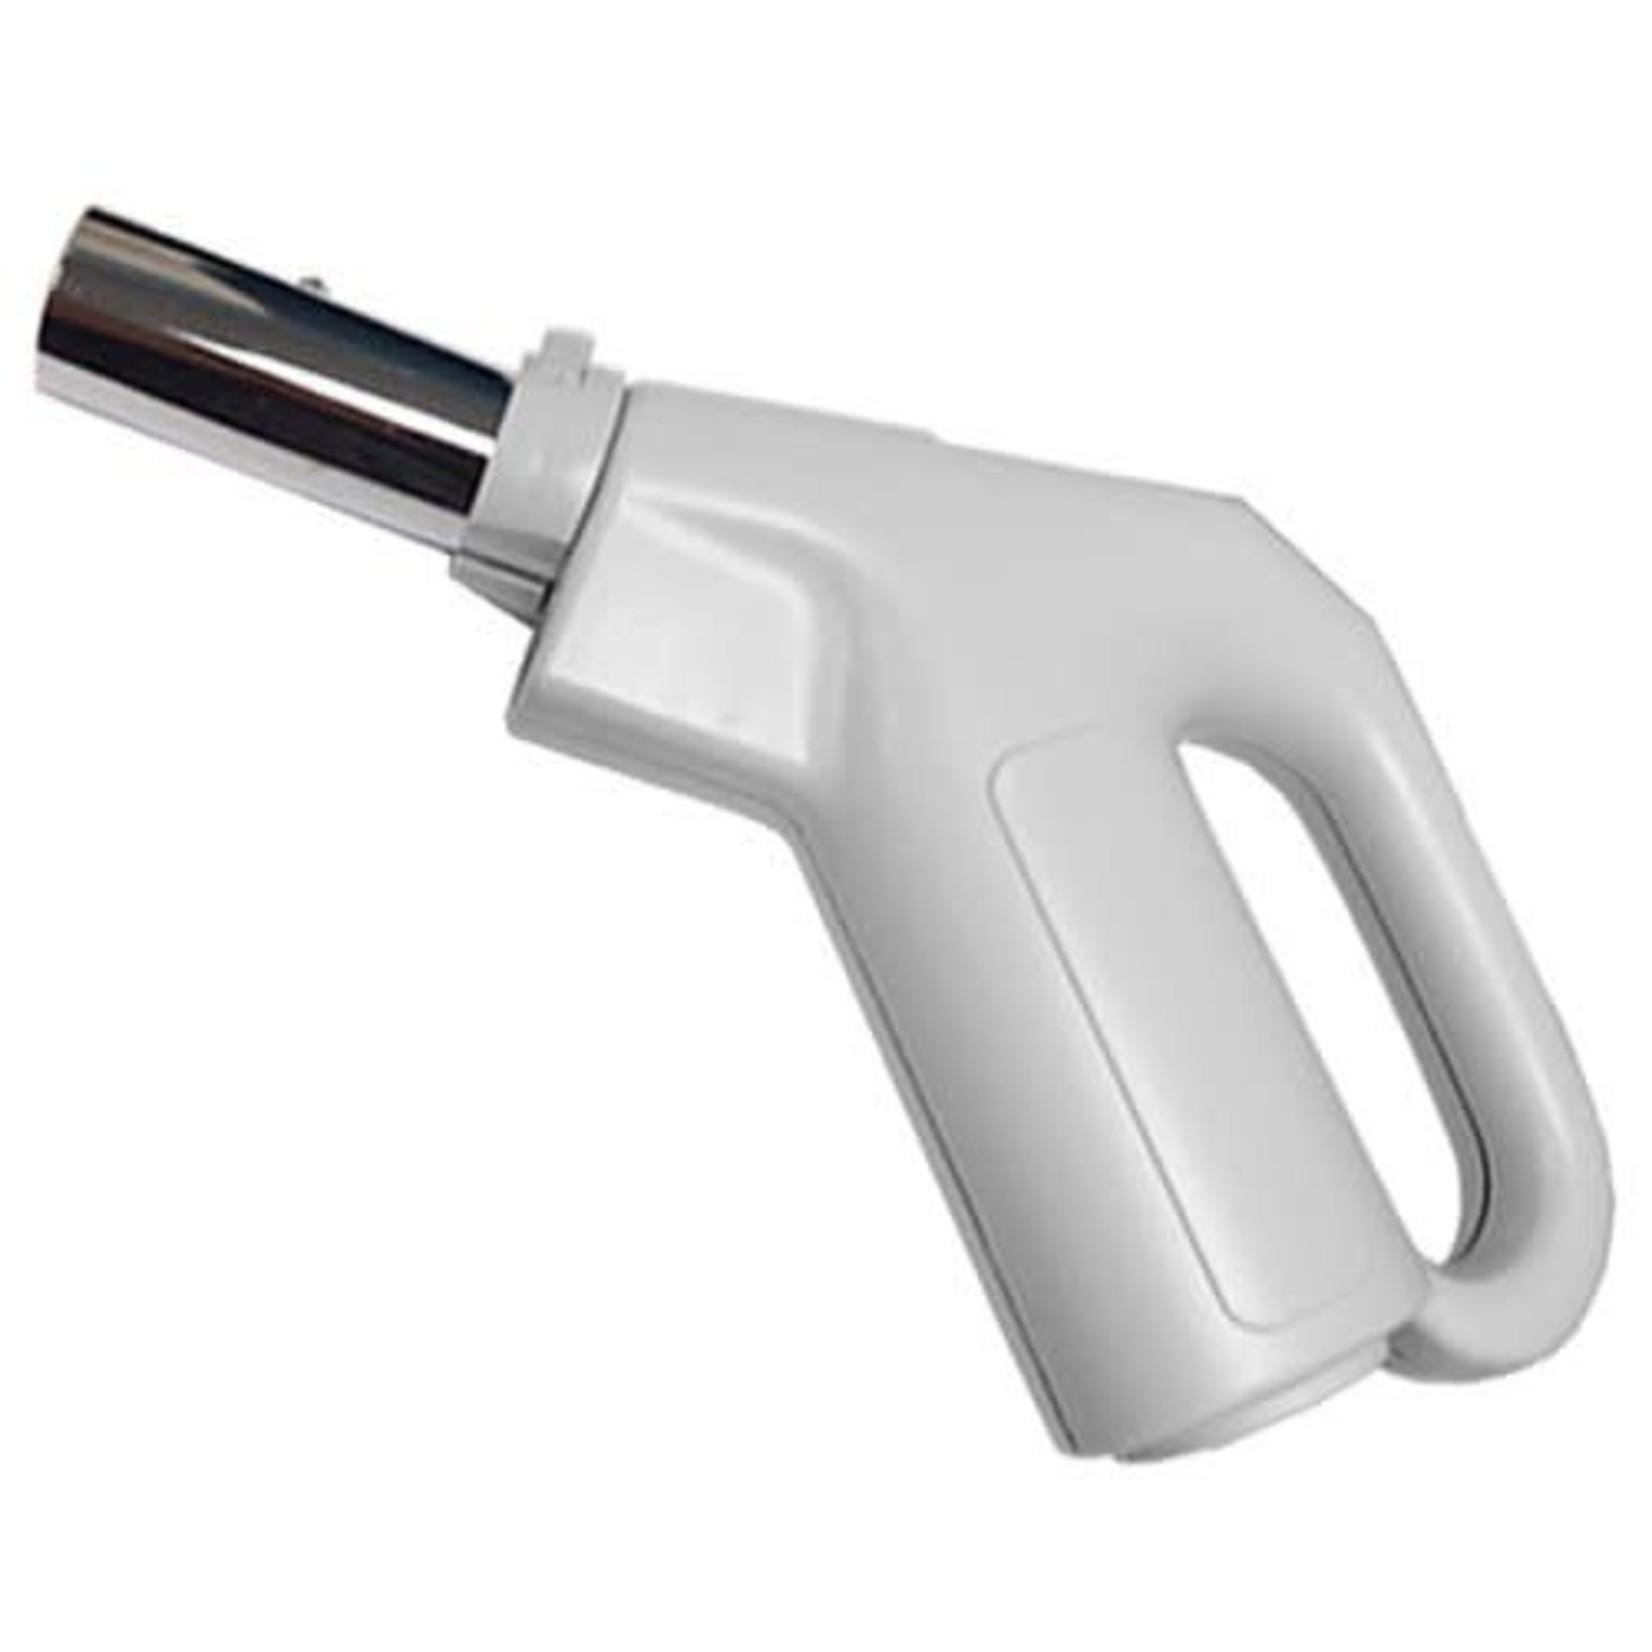 Plastiflex Beam Replacement Full Swivel Handle Shell - White